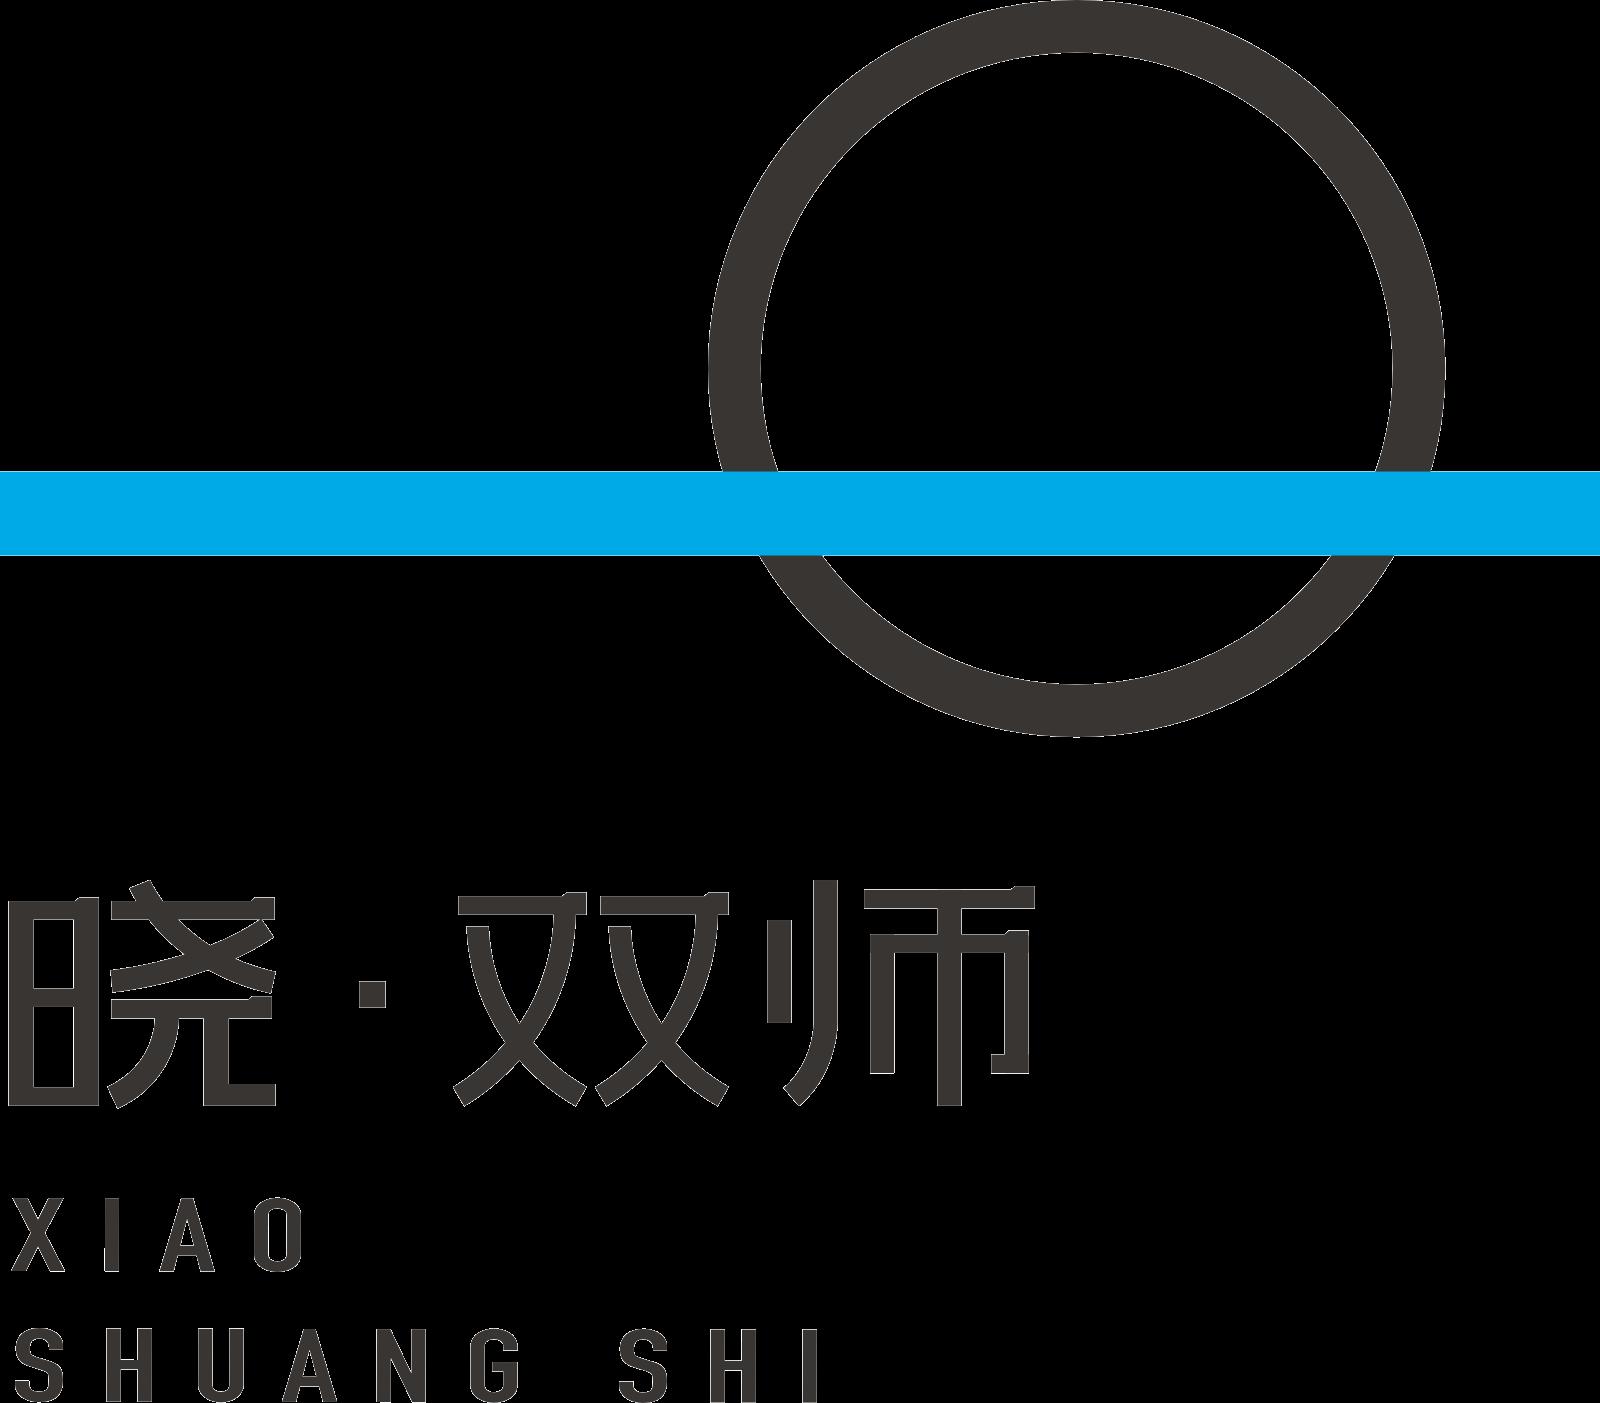 广州市晓双师教育科技有限公司宣讲会